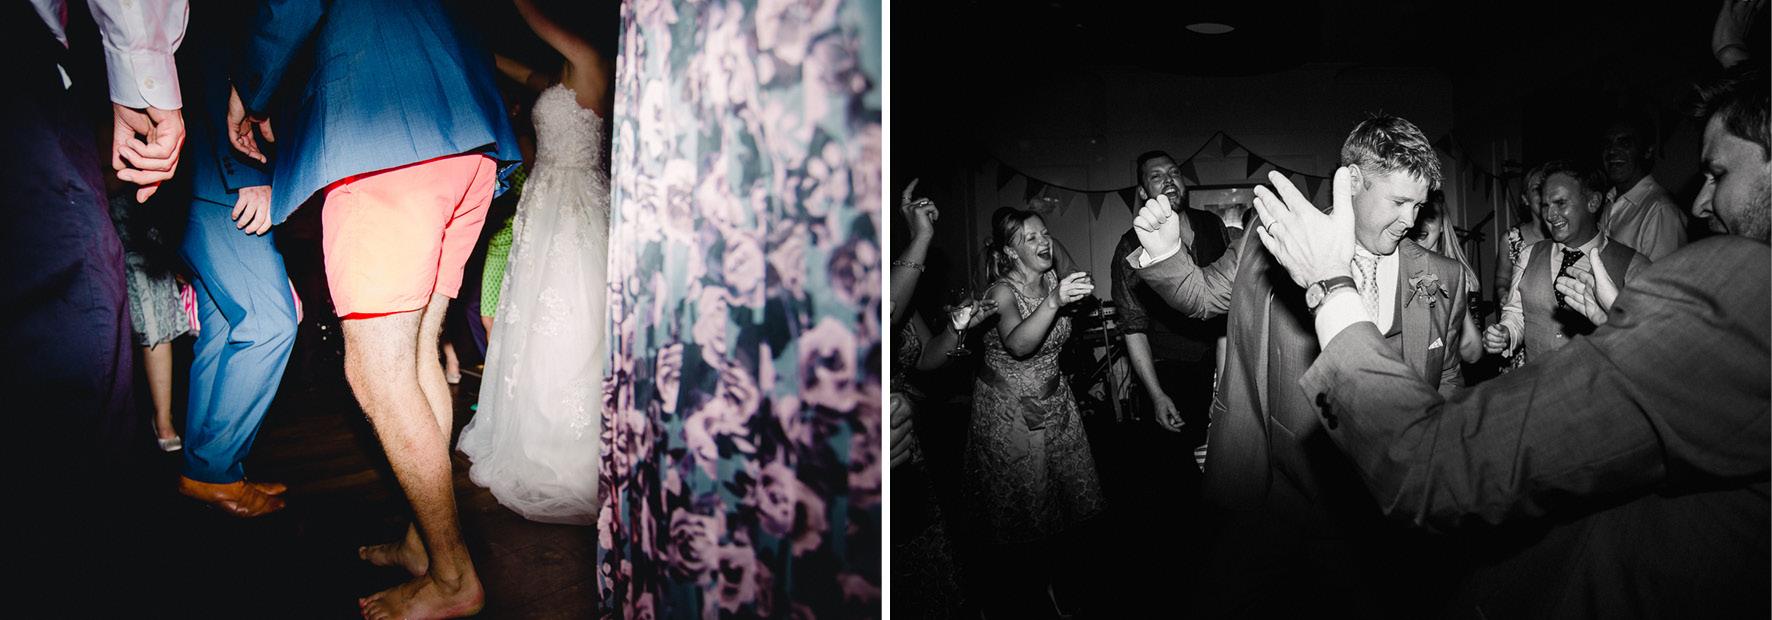 Devon_Wedding_Photographer_Dancefloor5.jpg